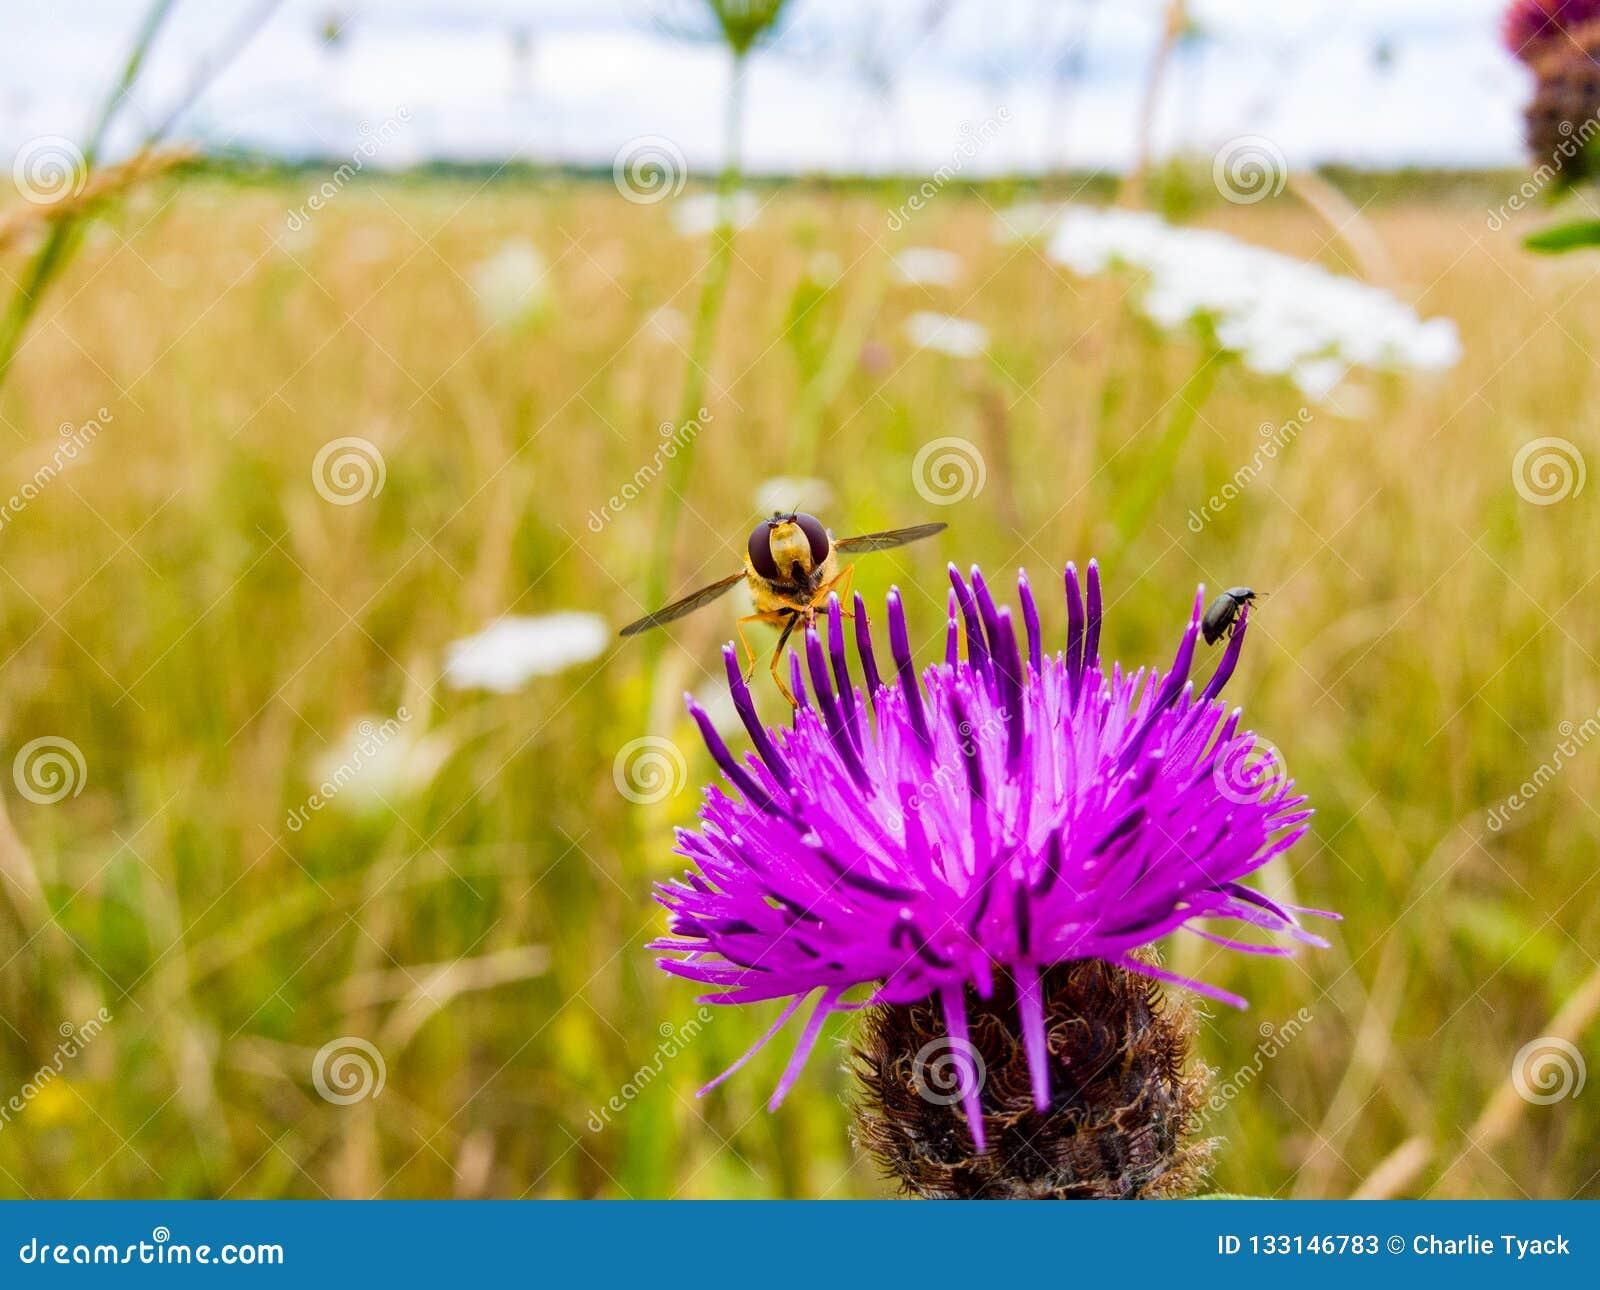 基于桃红色/紫色蓟头状花序的Hoverfly